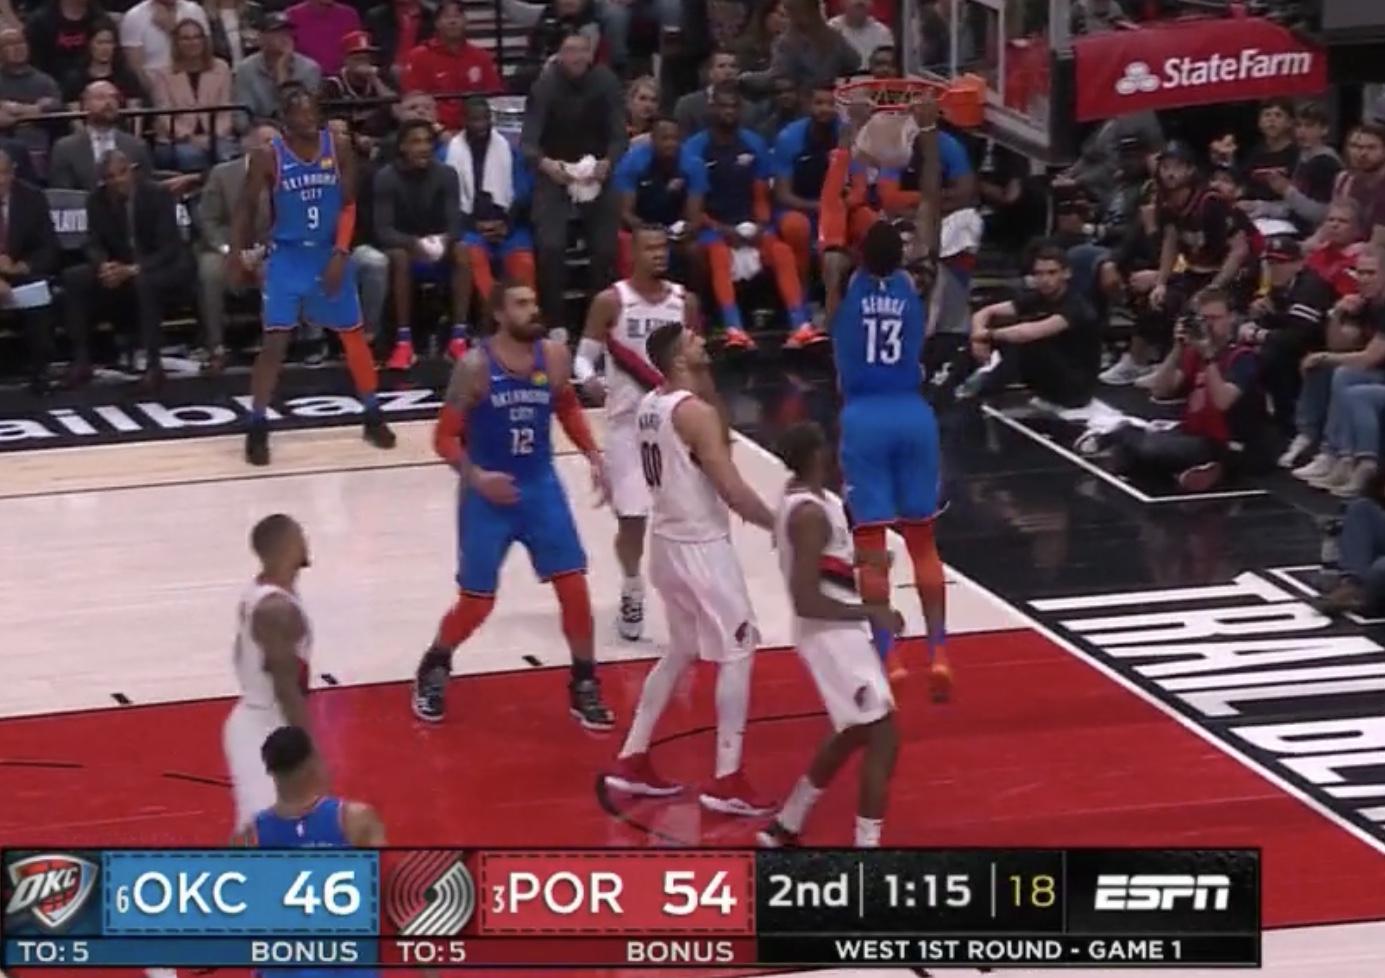 威少炮弹直传一针见血,乔治双手重扣一飞冲天 NBA新闻